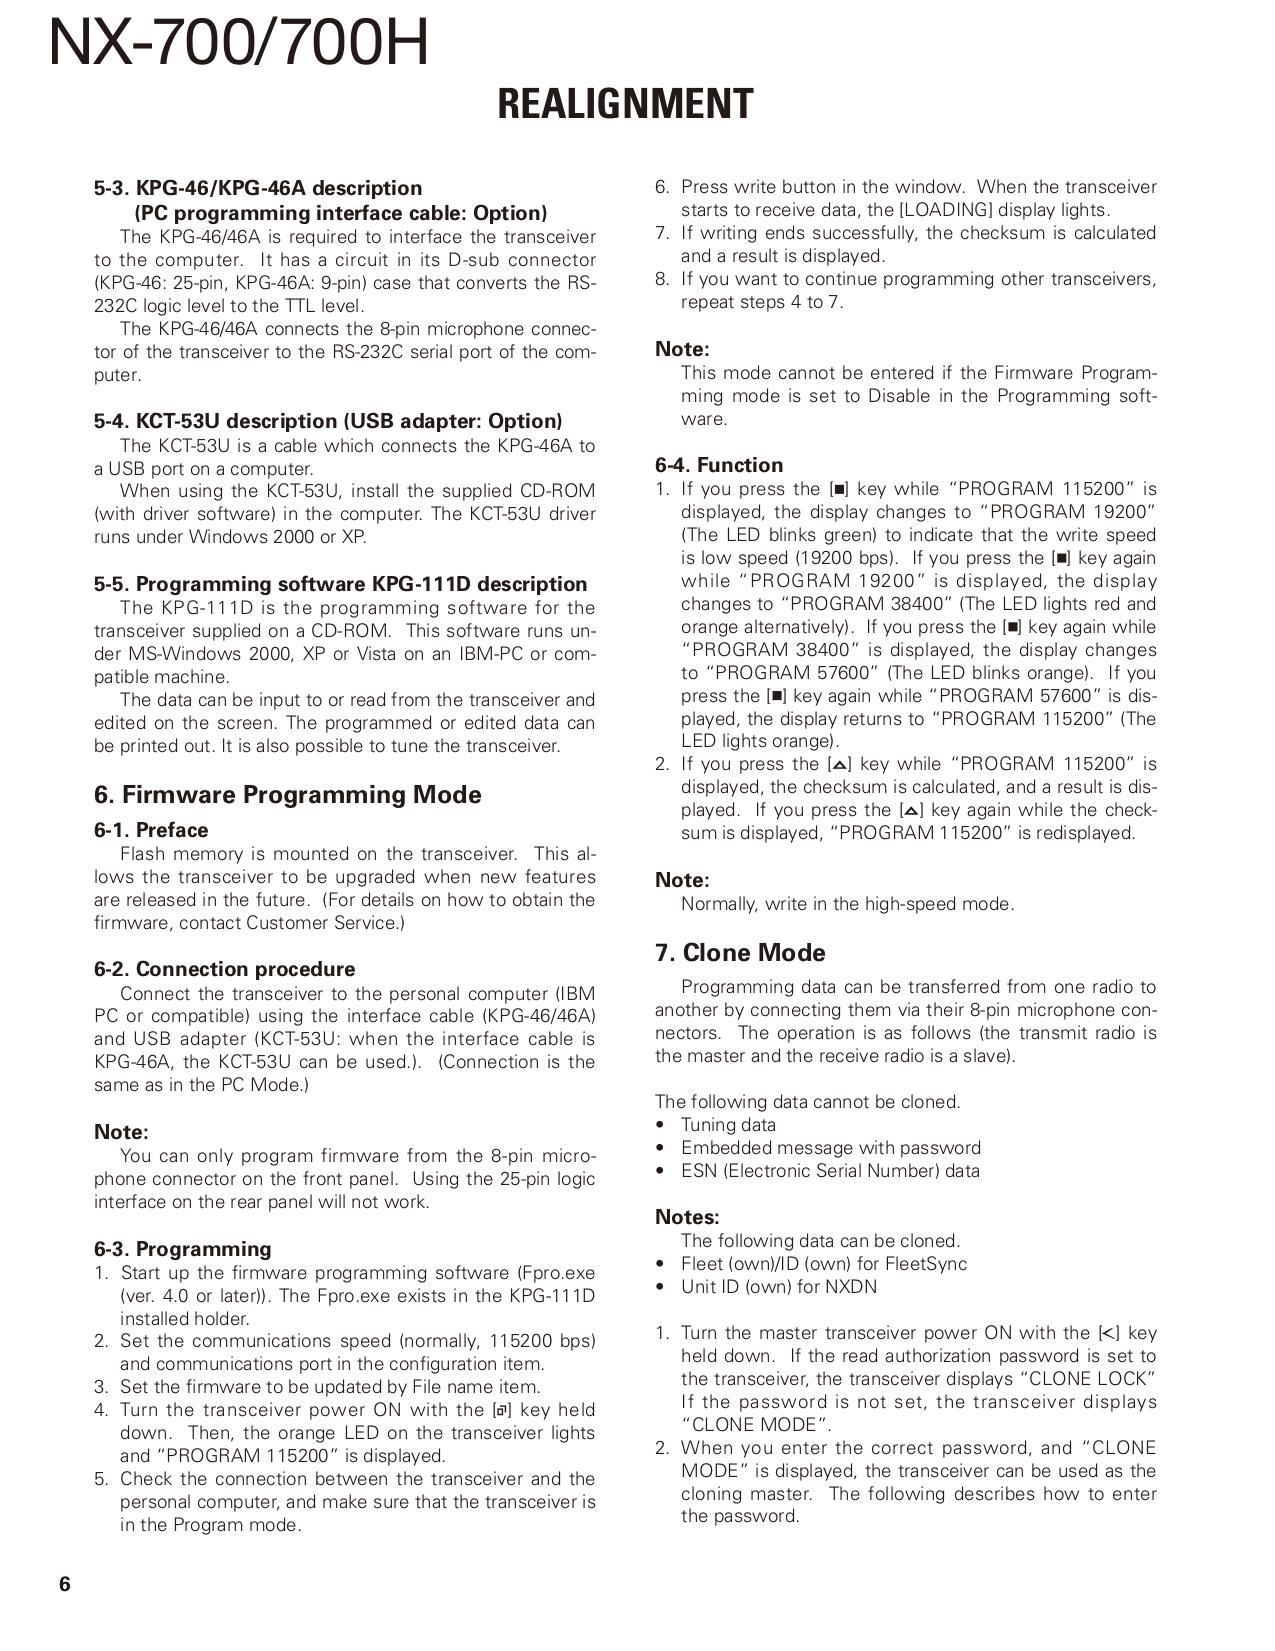 PDF manual for Kenwood Radio KT-595